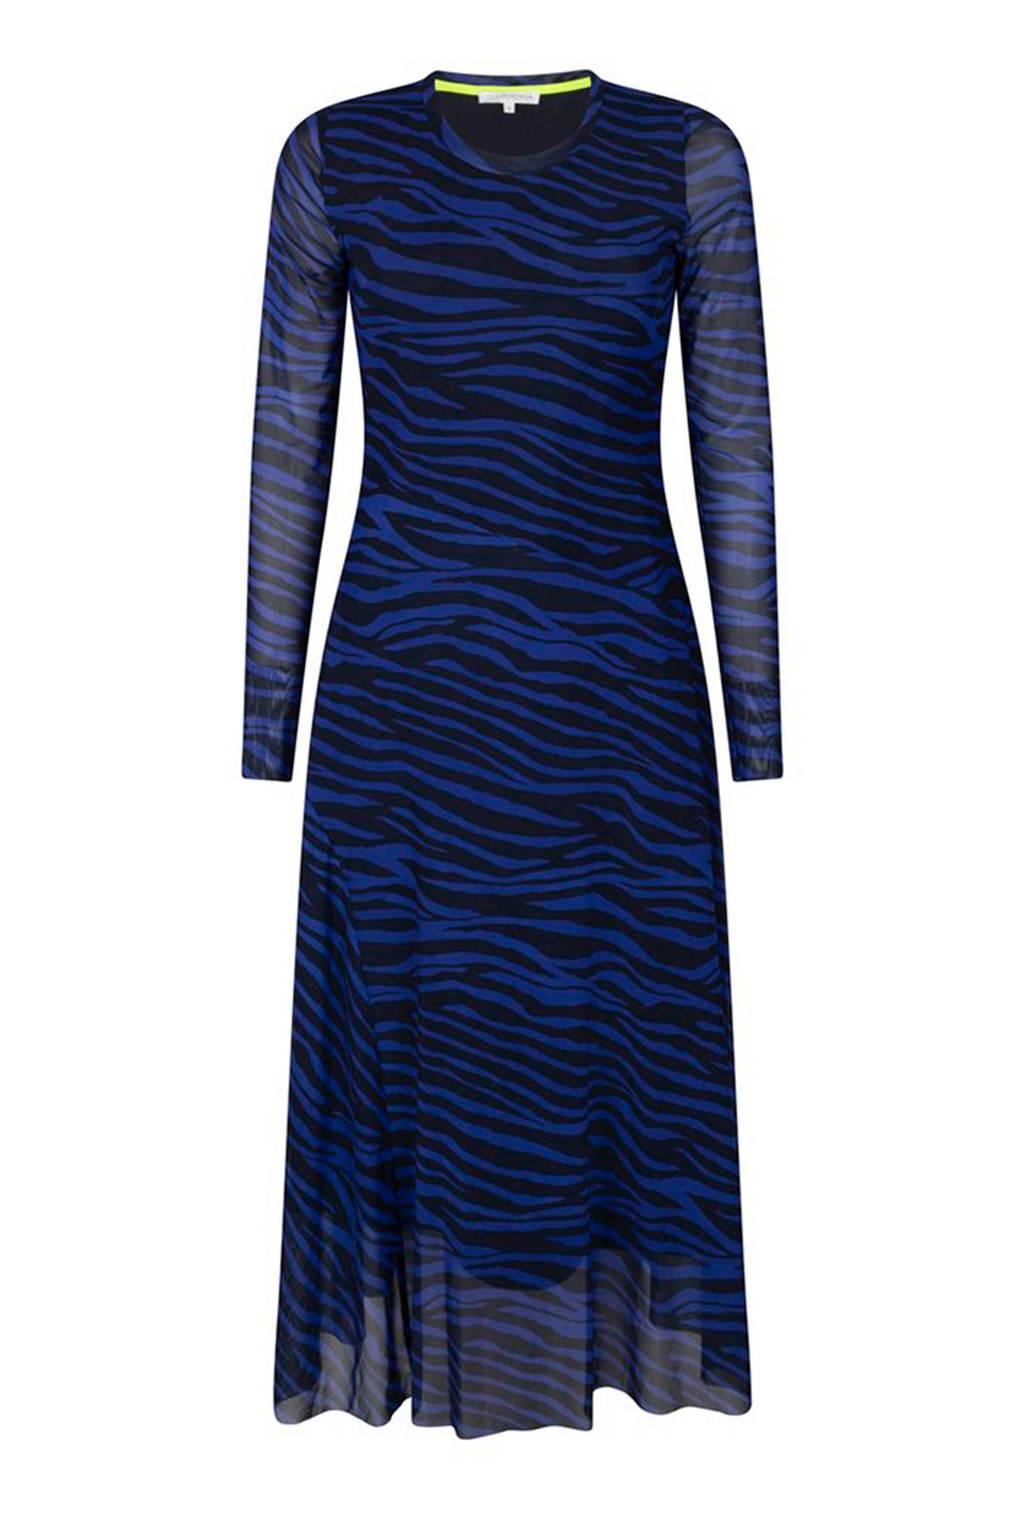 Tramontana jurk met zebraprint donkerblauw, Donkerblauw